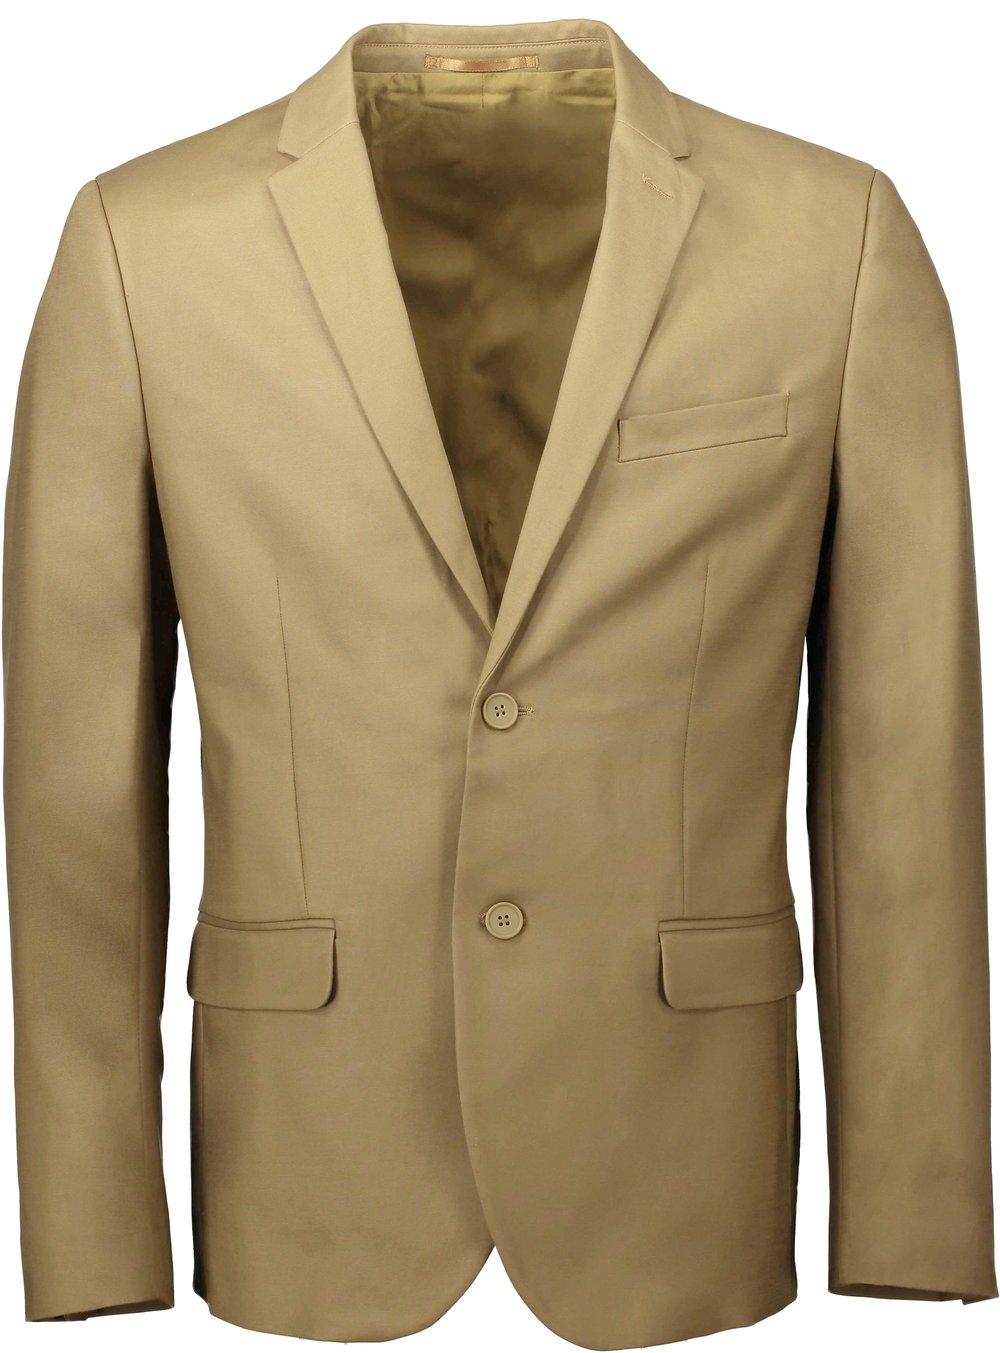 blazer-mannequin-_Front.jpg